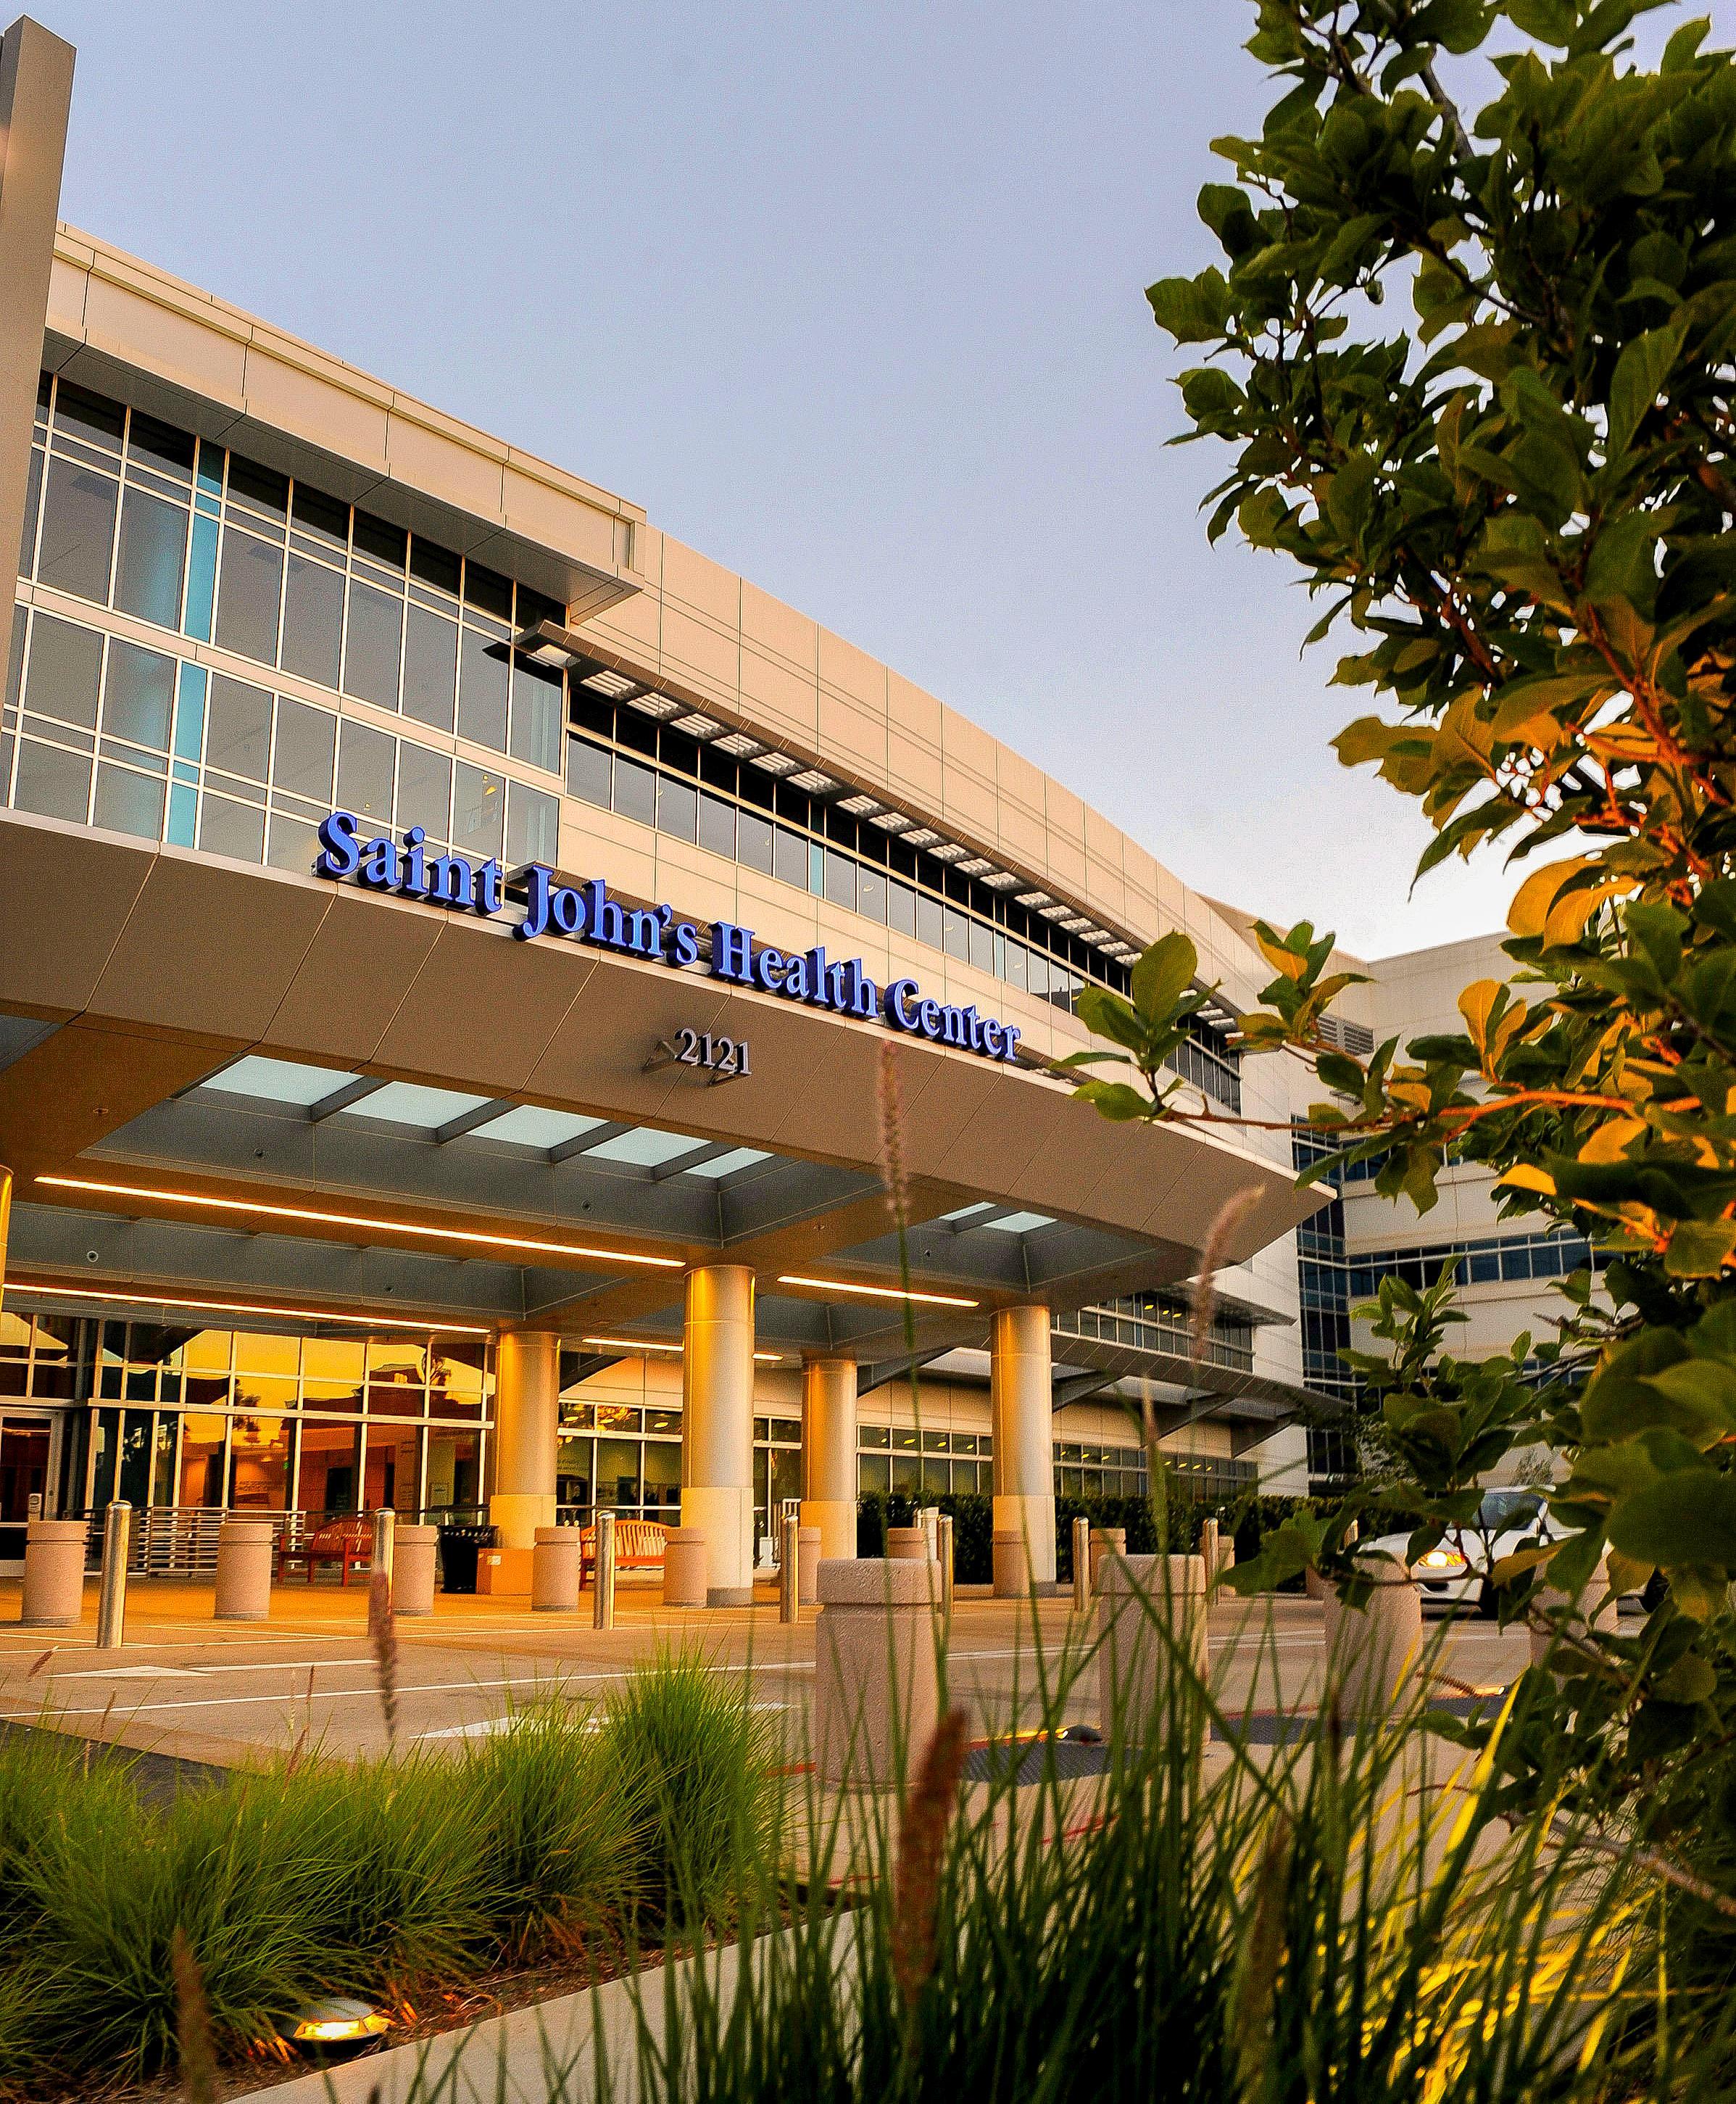 Providence Dermatological Center for Skin Health - Santa Monica image 0